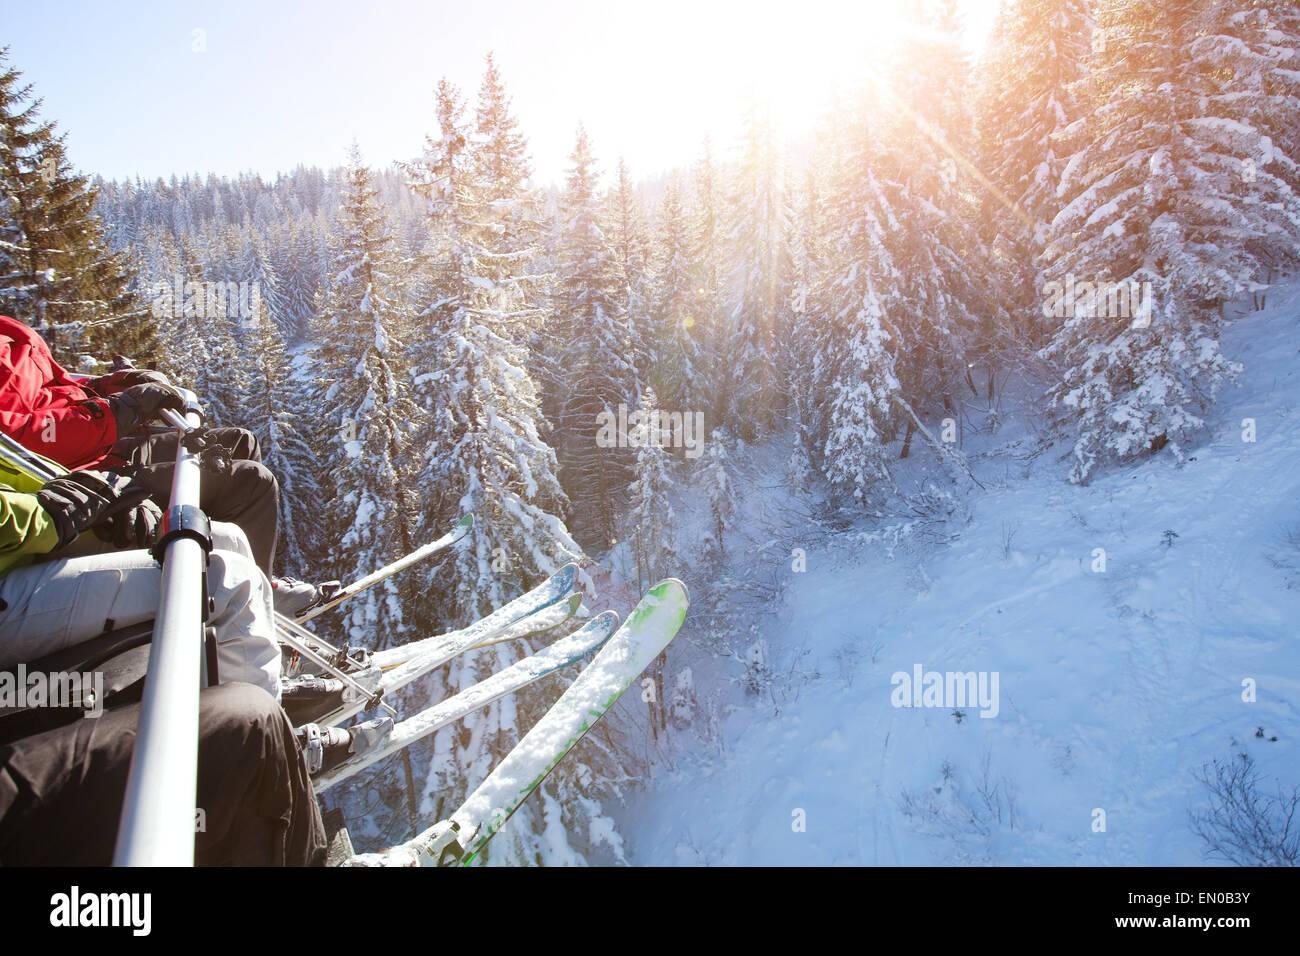 Famiglia in seduta ski lift Immagini Stock